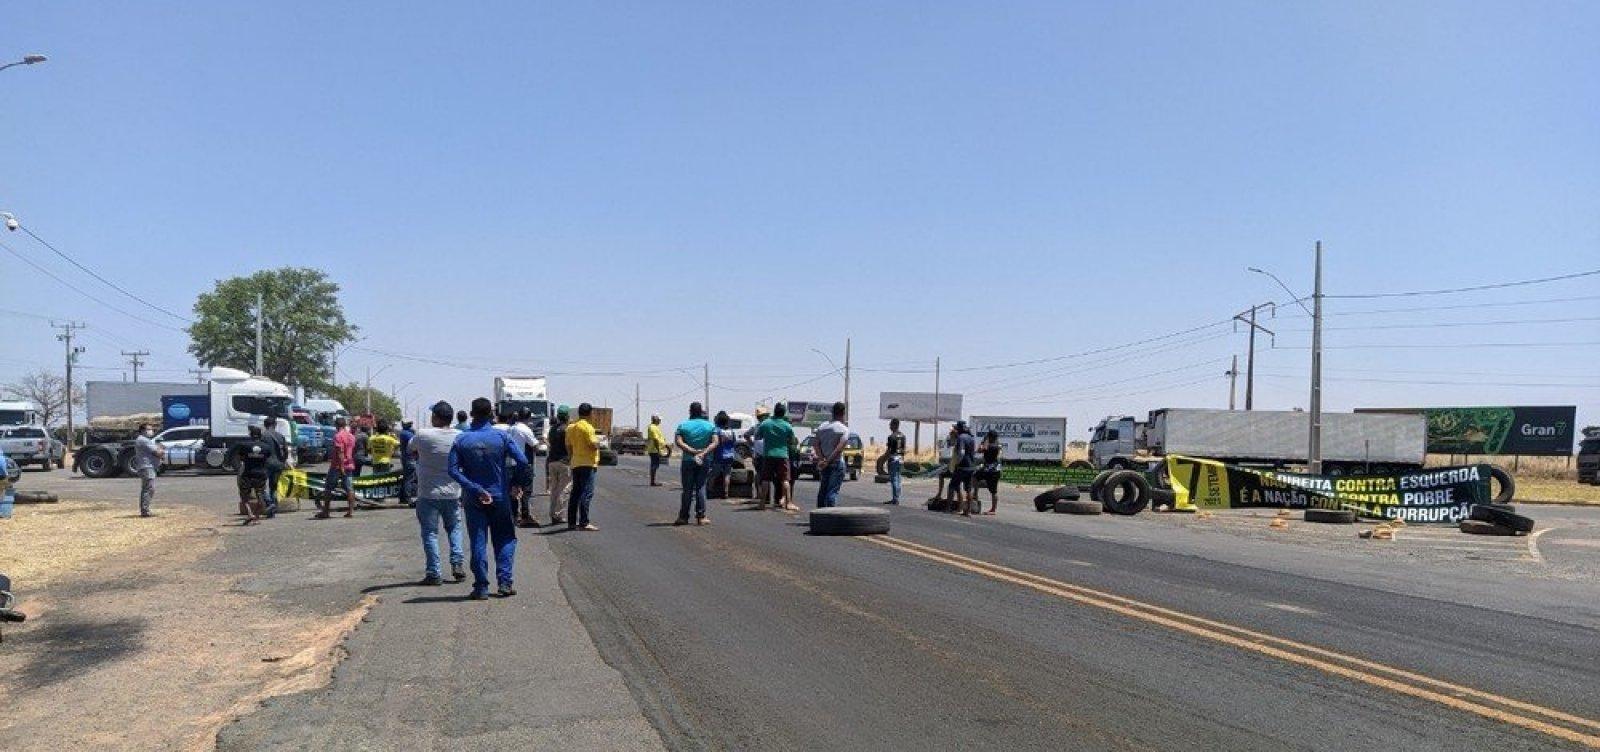 Caminhoneiros fazem protesto em apoio ao governo na BR-242 na Bahia